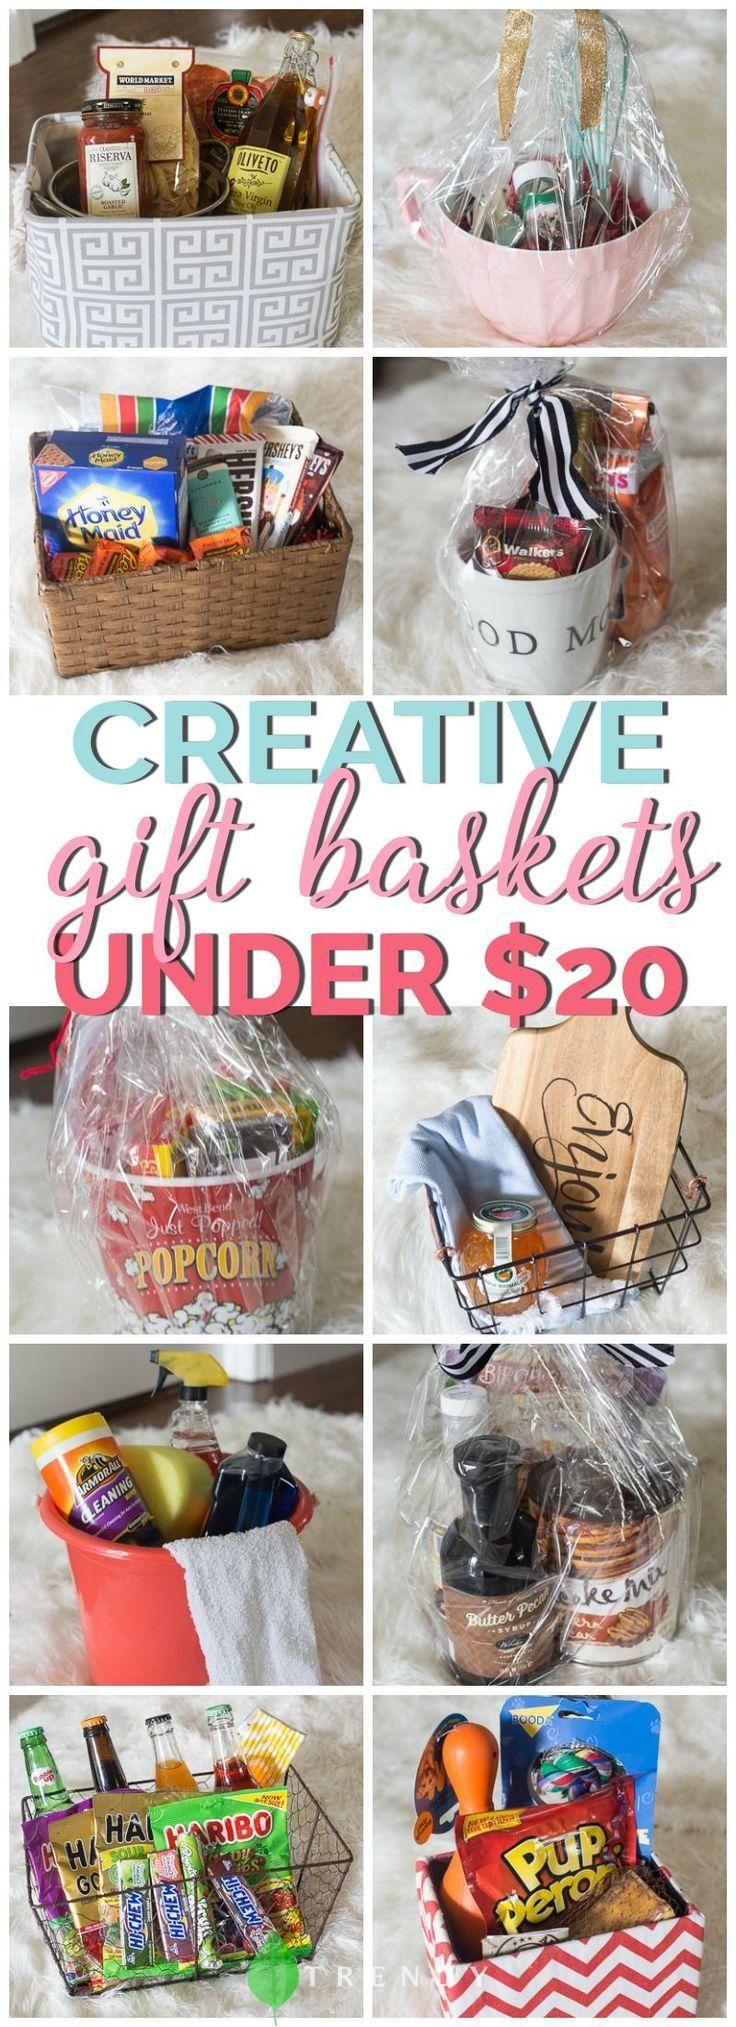 Creative Gift Basket Ideas all under $20. - #Basket #creative #Gift #Ideas #boyfriendgiftbasket